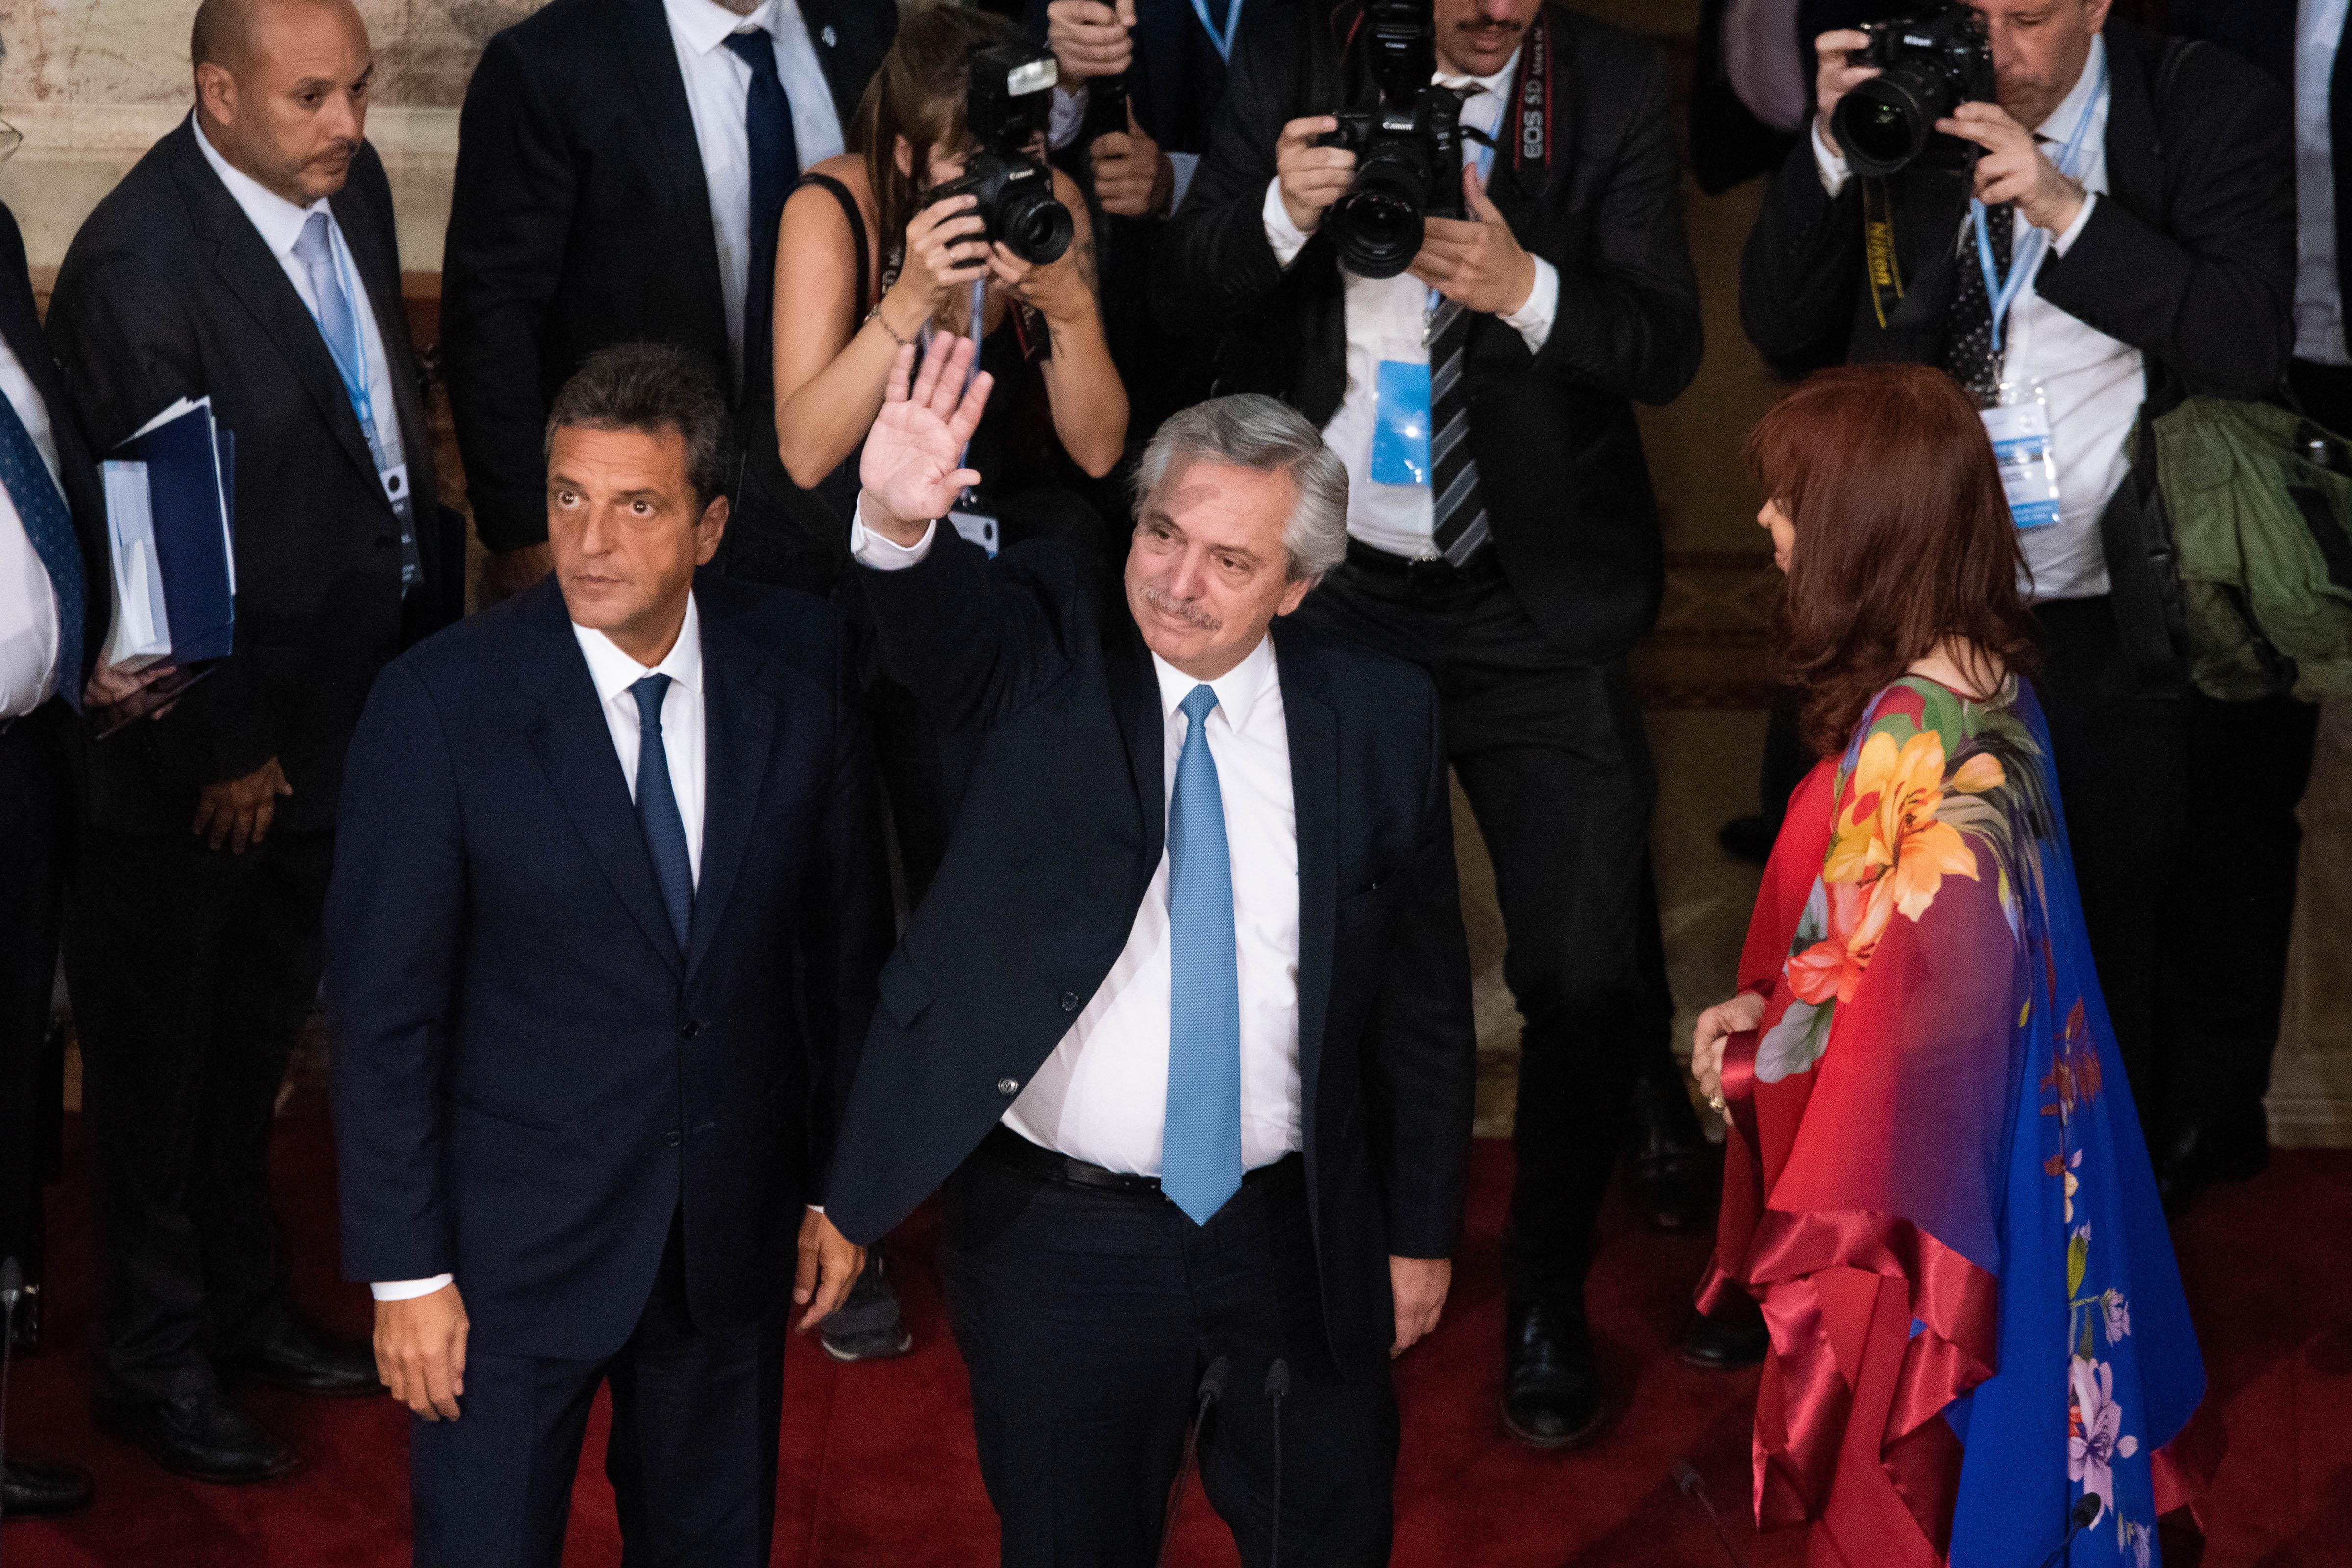 El presidente Alberto Fernández saluda a los presentes en su ingreso al recinto